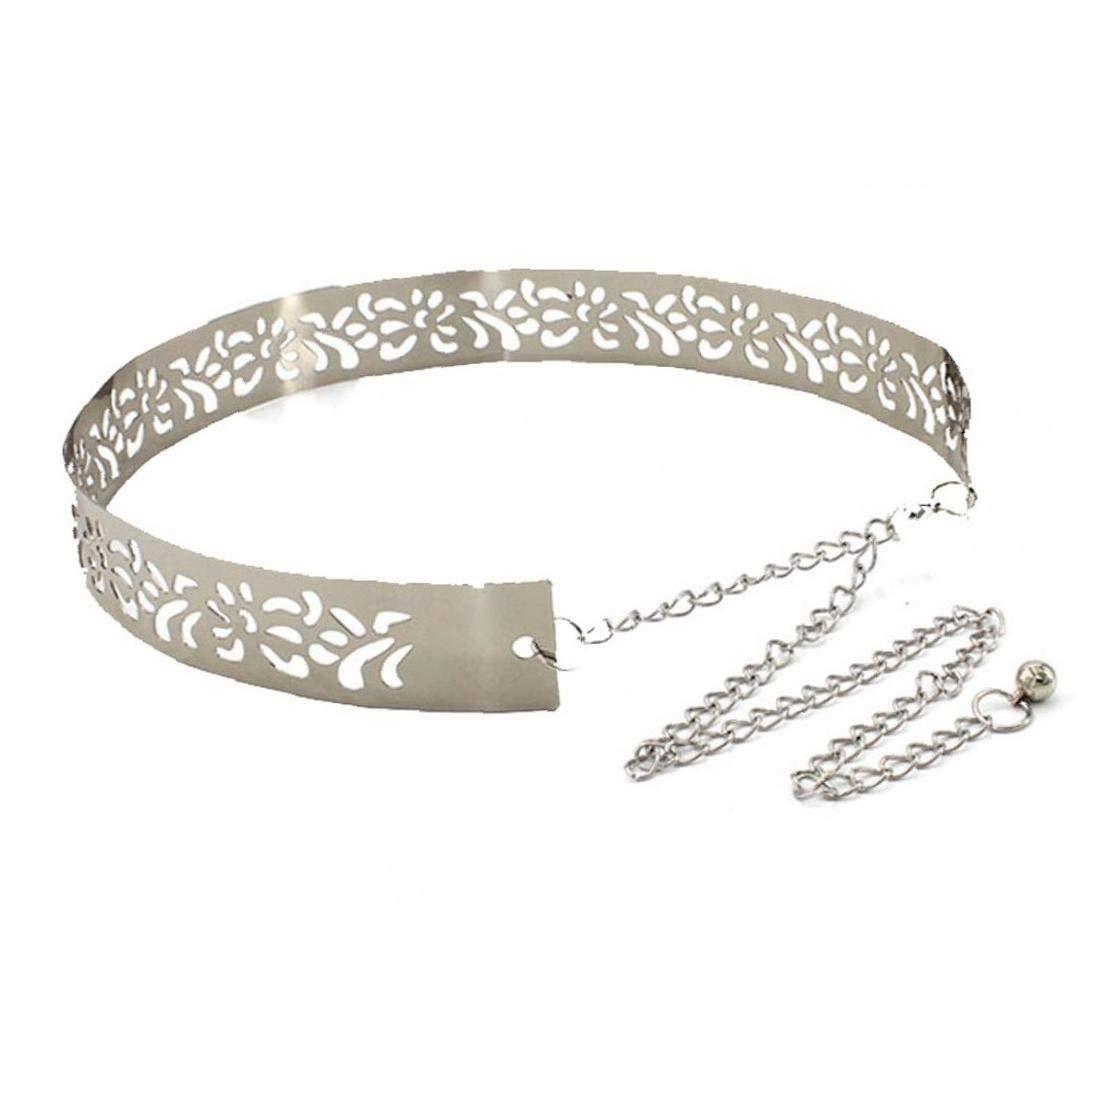 Asien Cinghia di Vita delle Donne di Metallo A Specchio Regolabile Cinghie Larghe Catena del Cinturino di Metallo per Ragazze